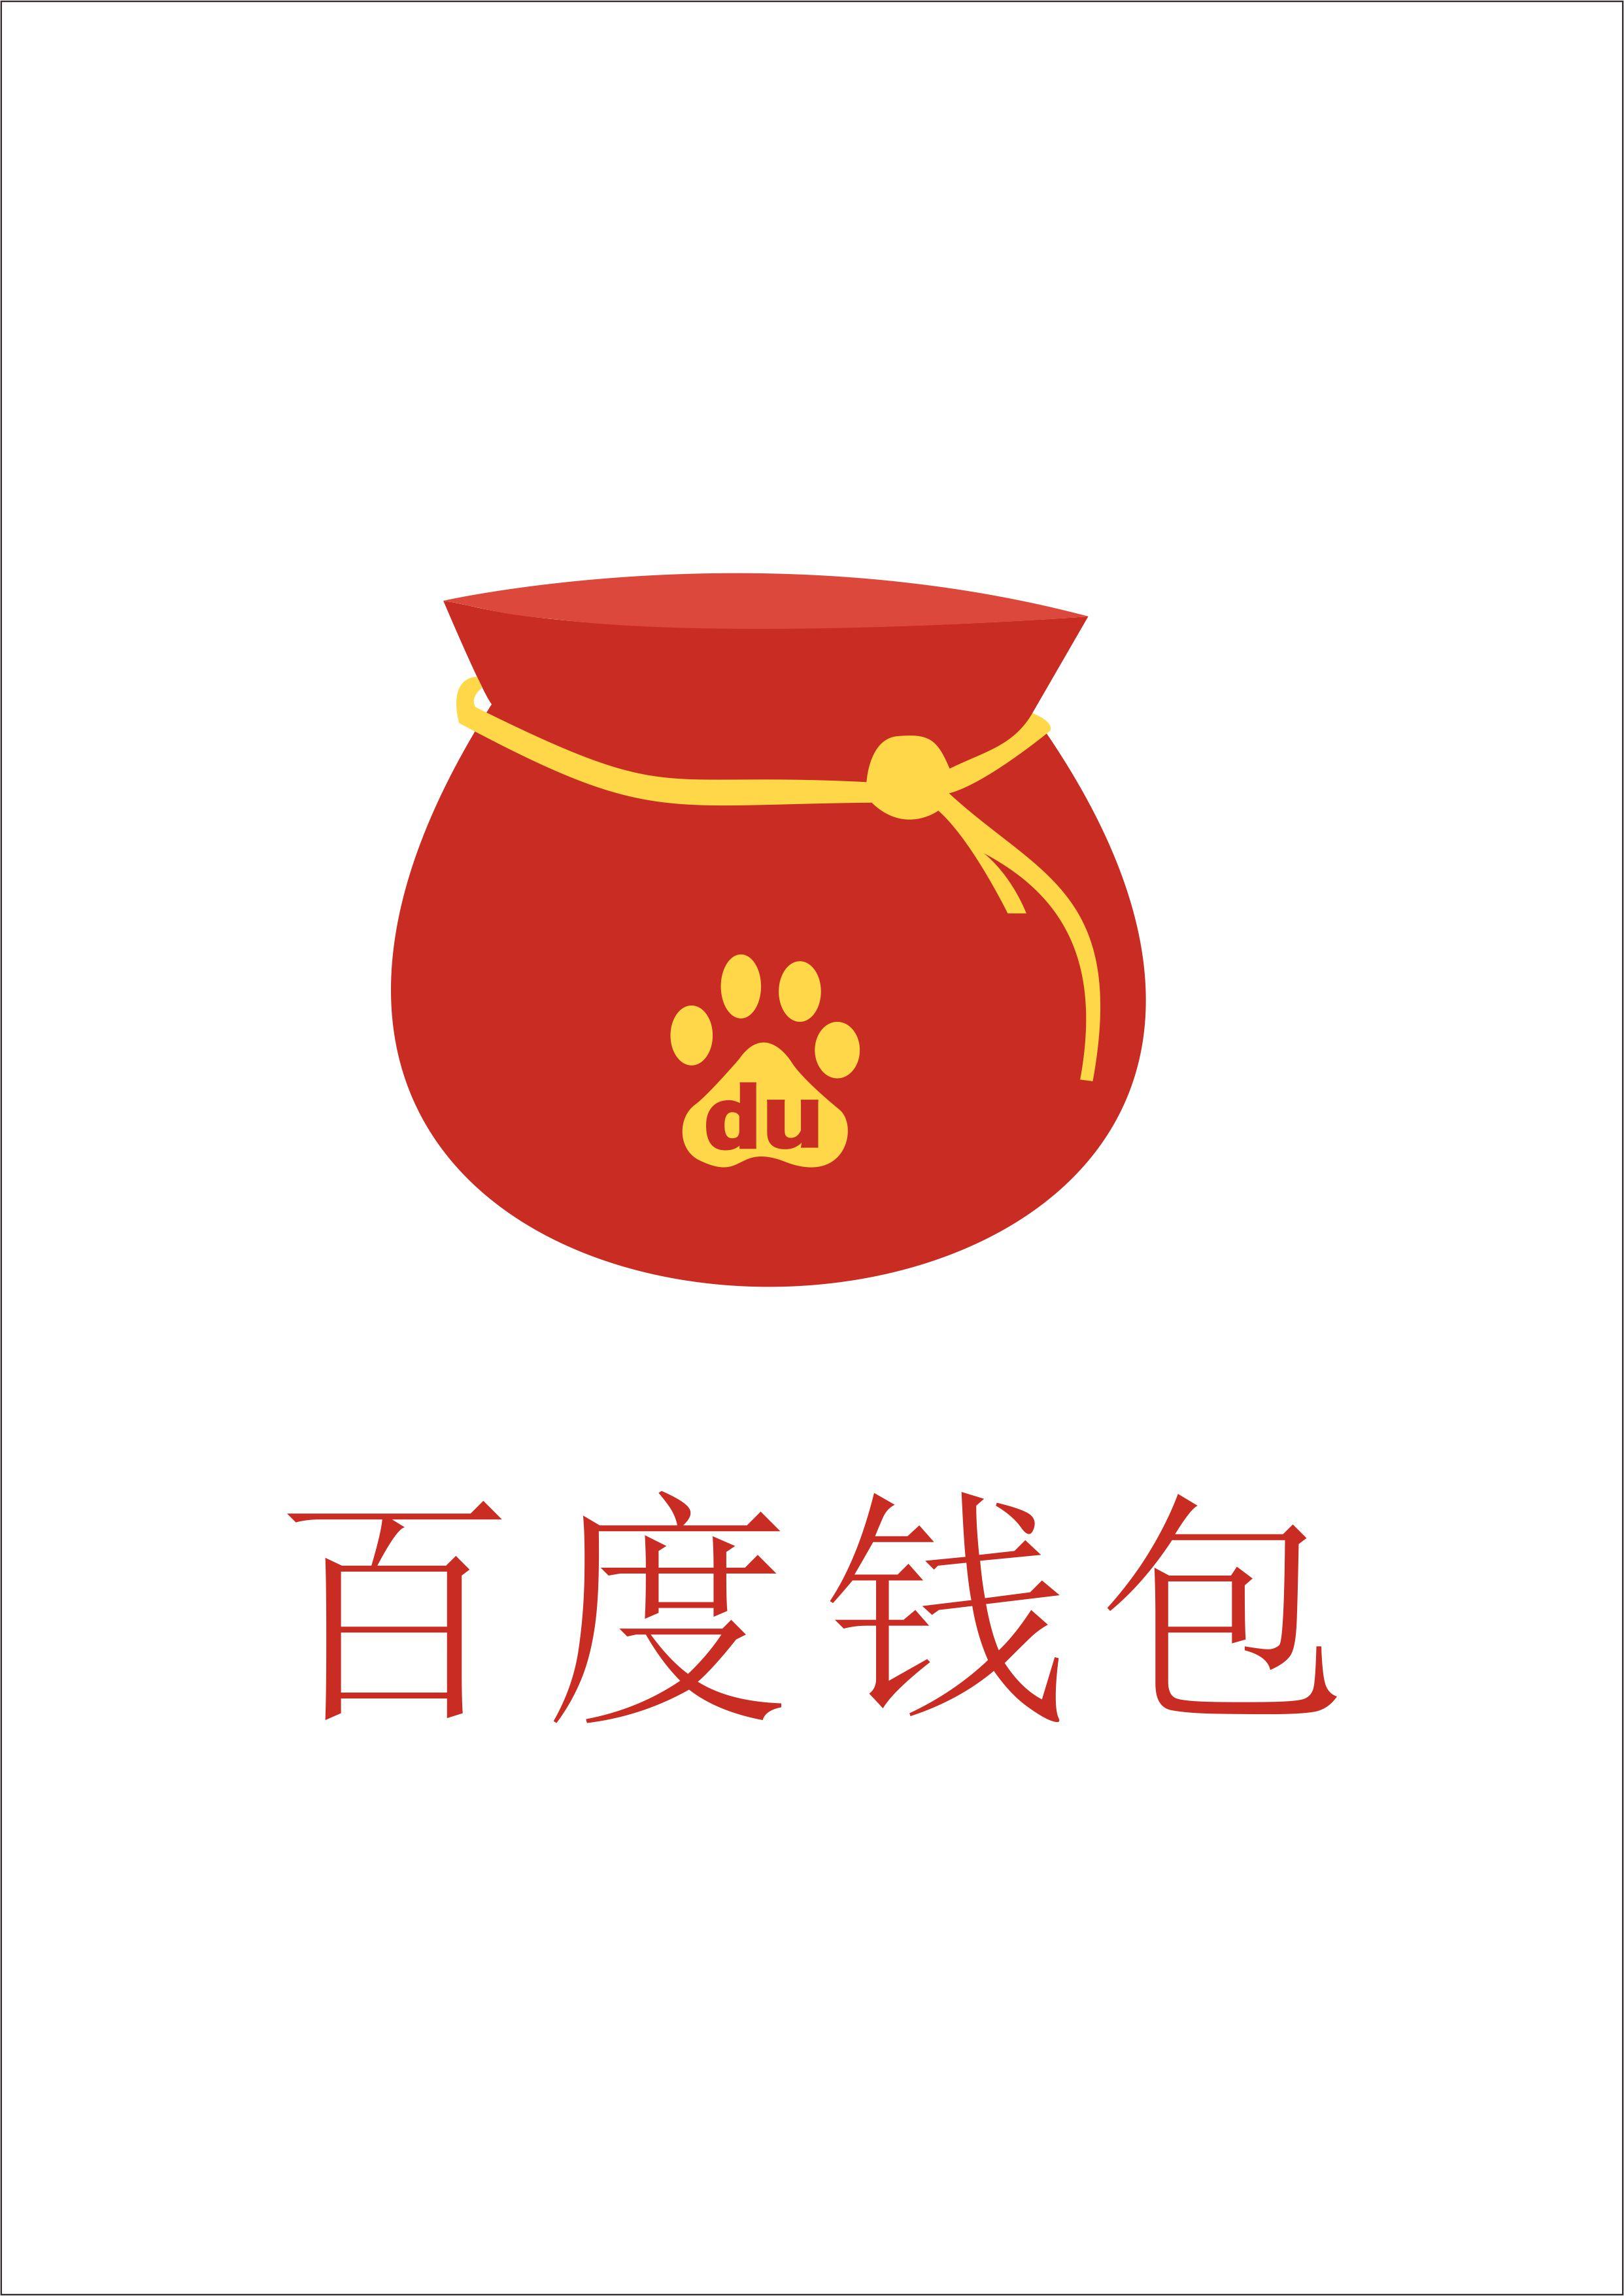 百度钱包logo设计      图片